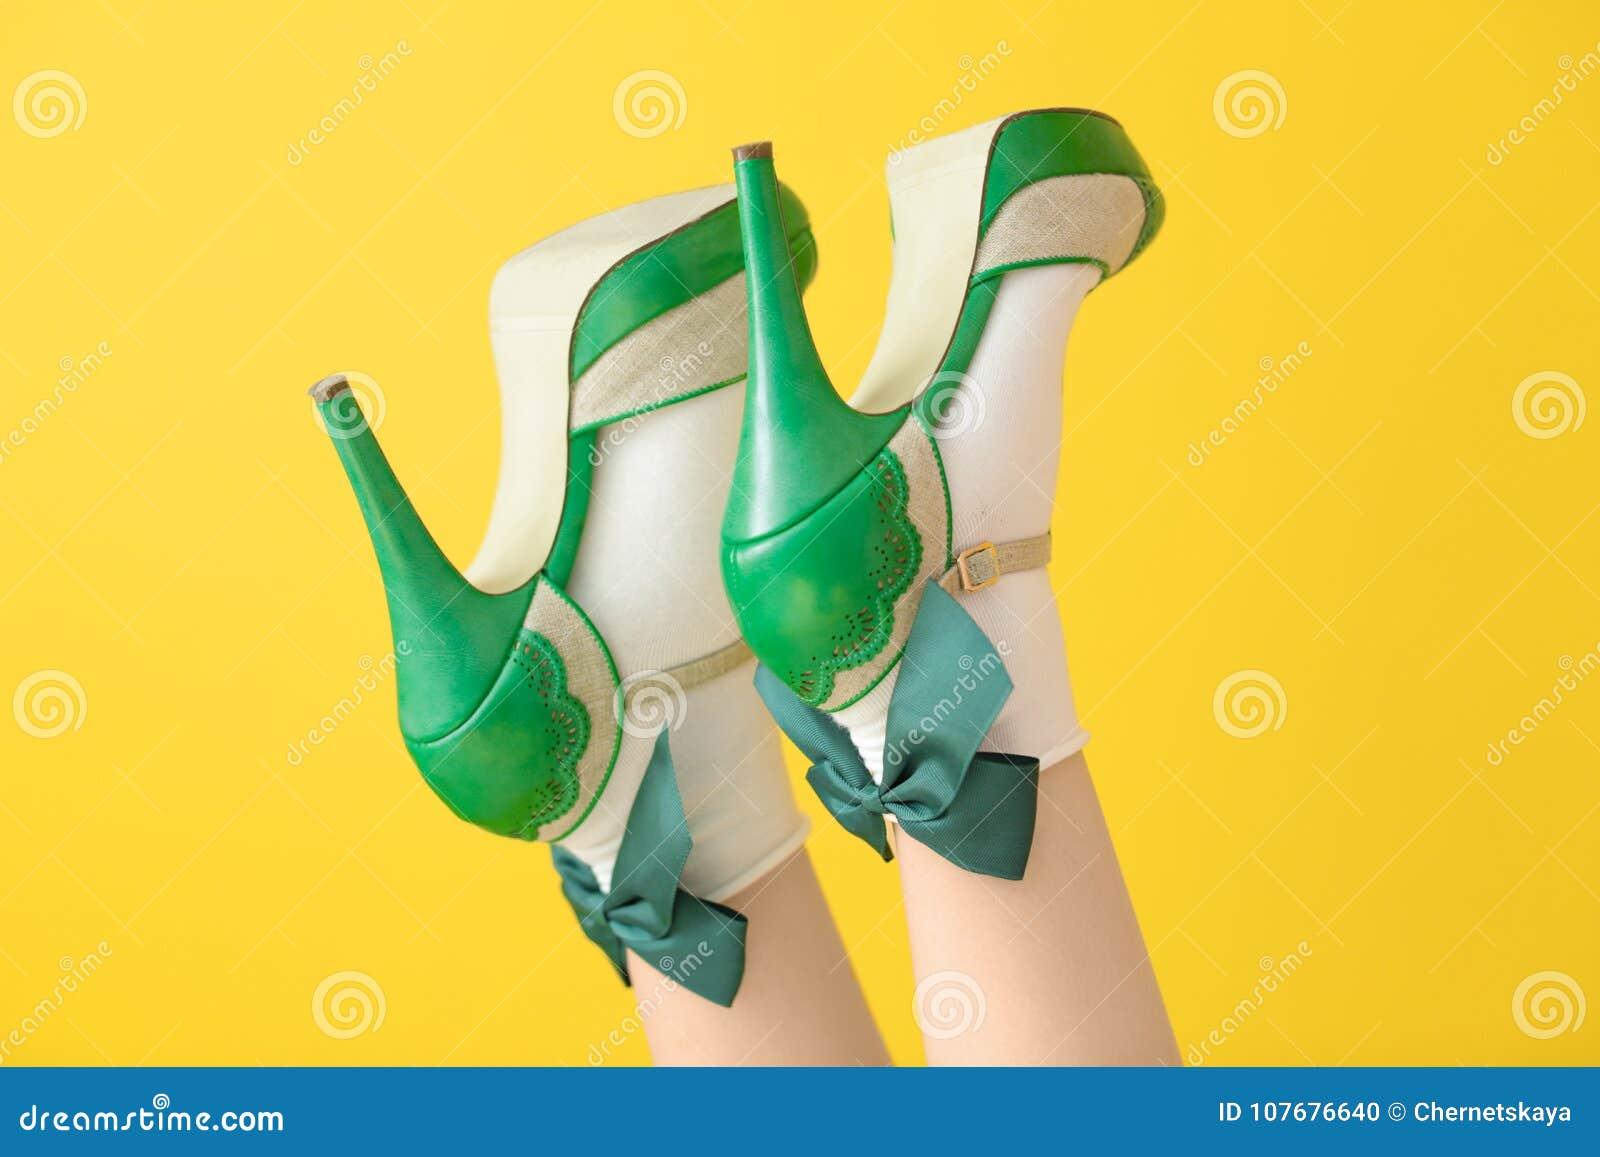 Kvinnligben i grön hög häl skor och sockor